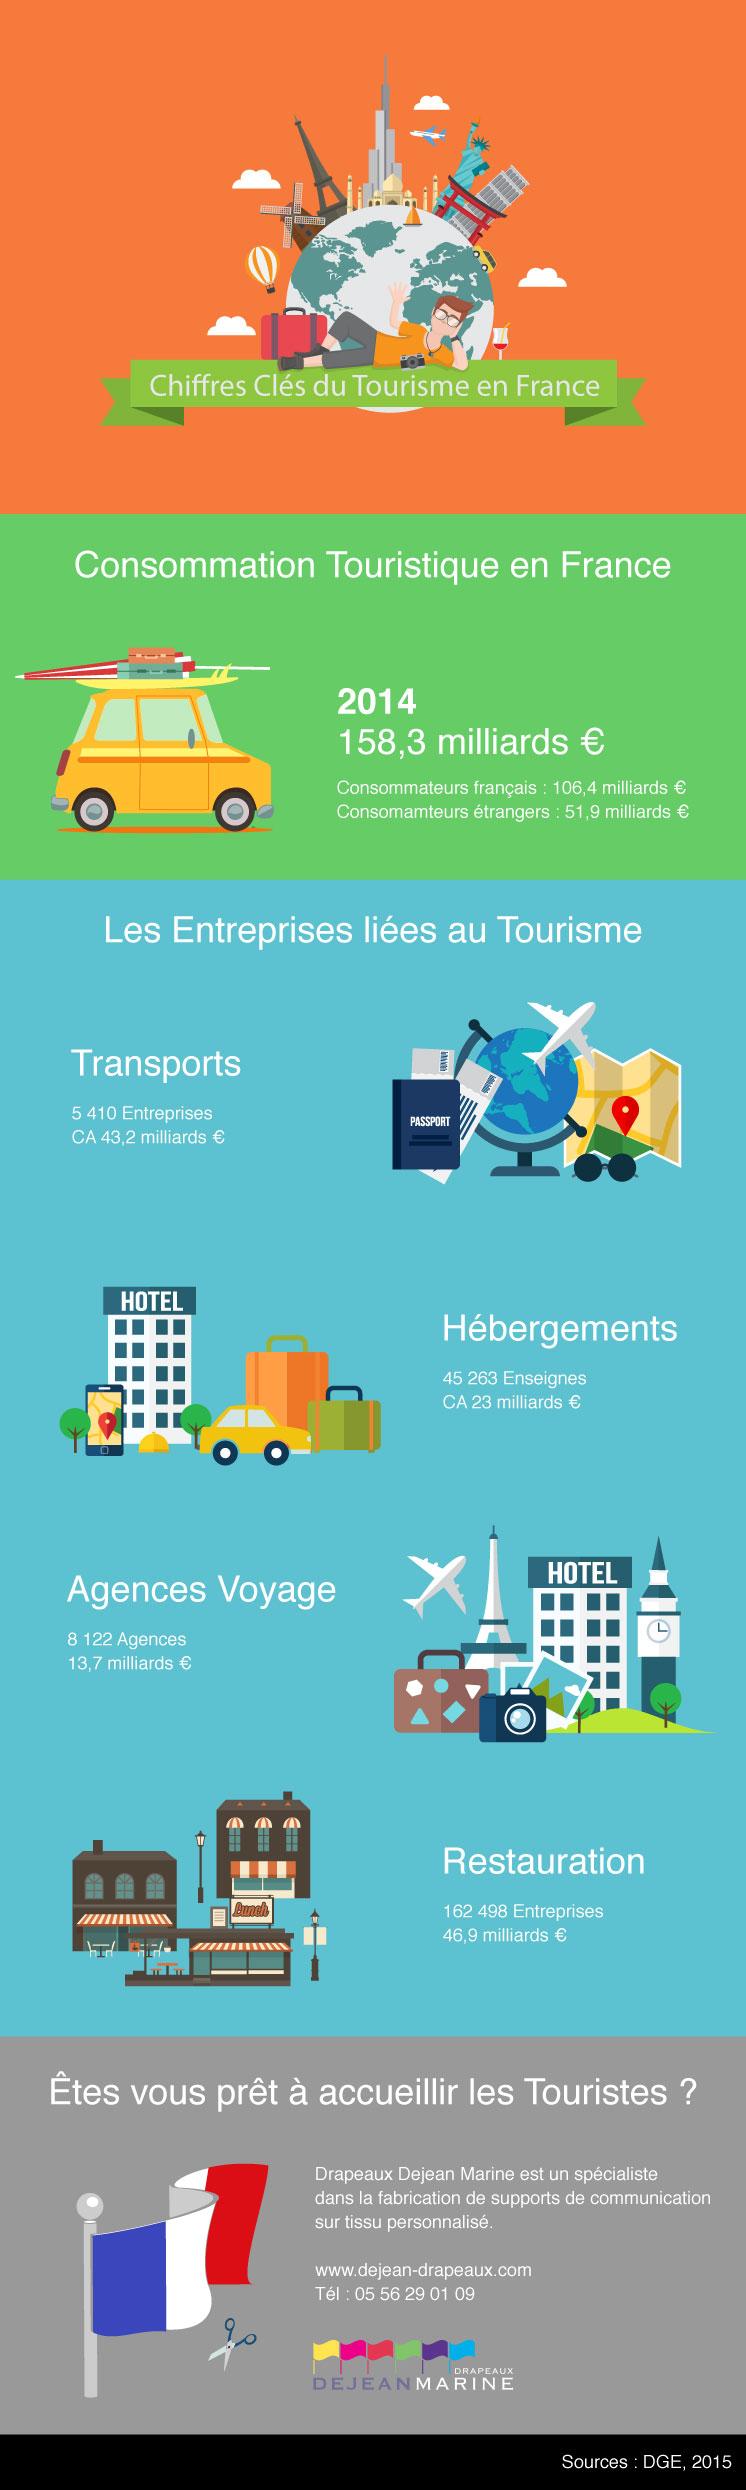 Chiffres clés marché du tourisme en France, 2015.